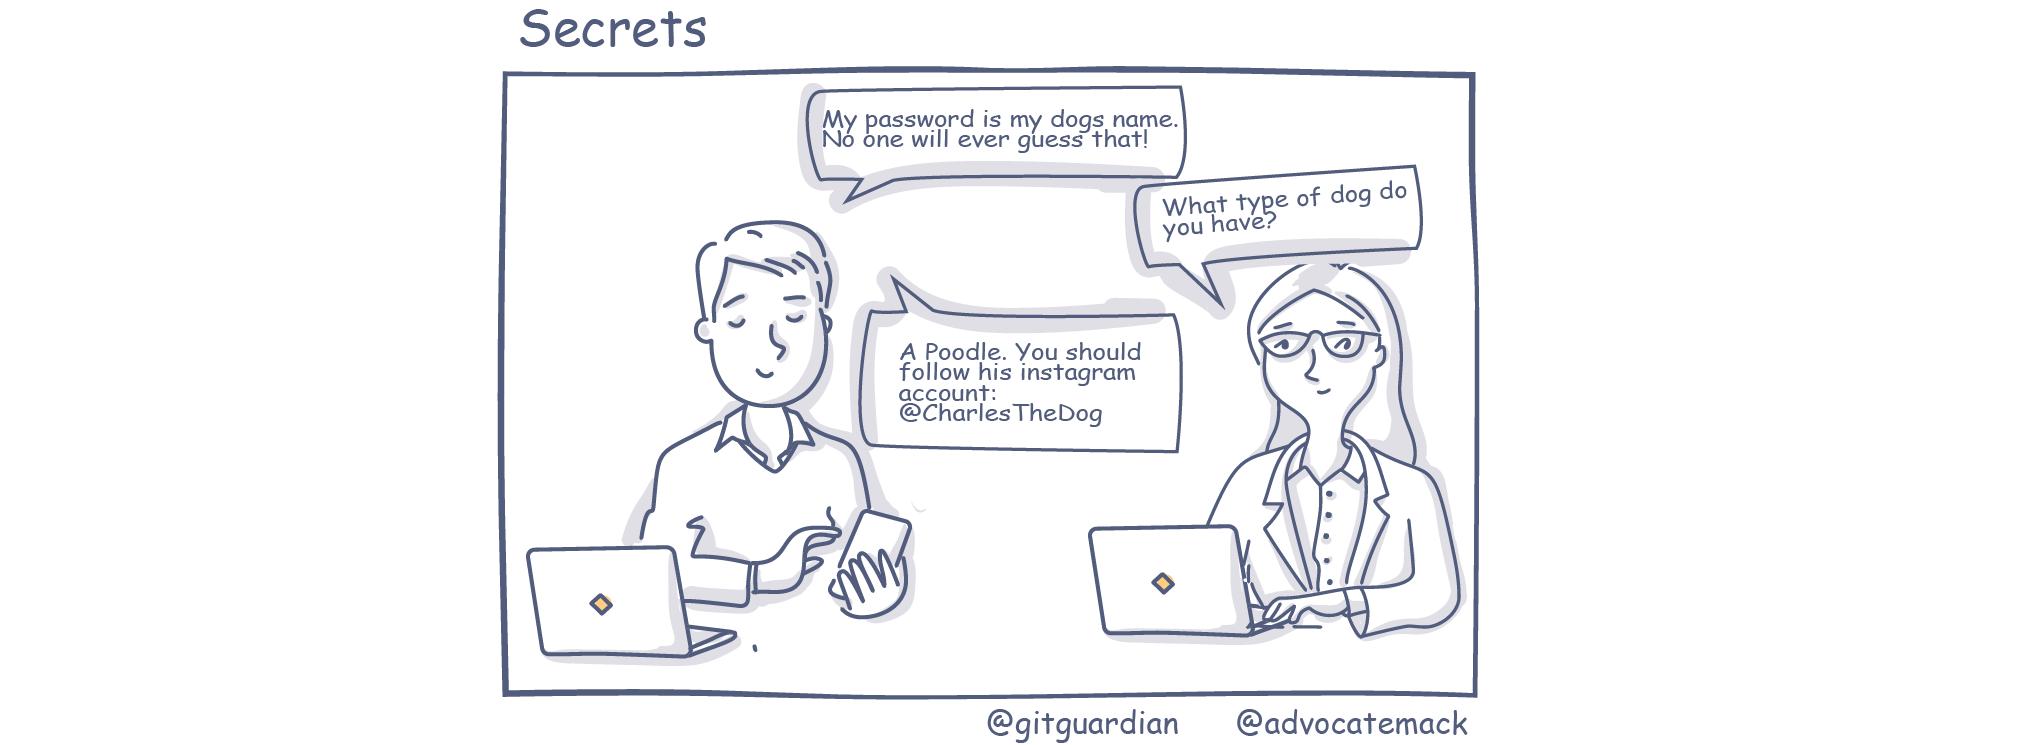 secrets in source code